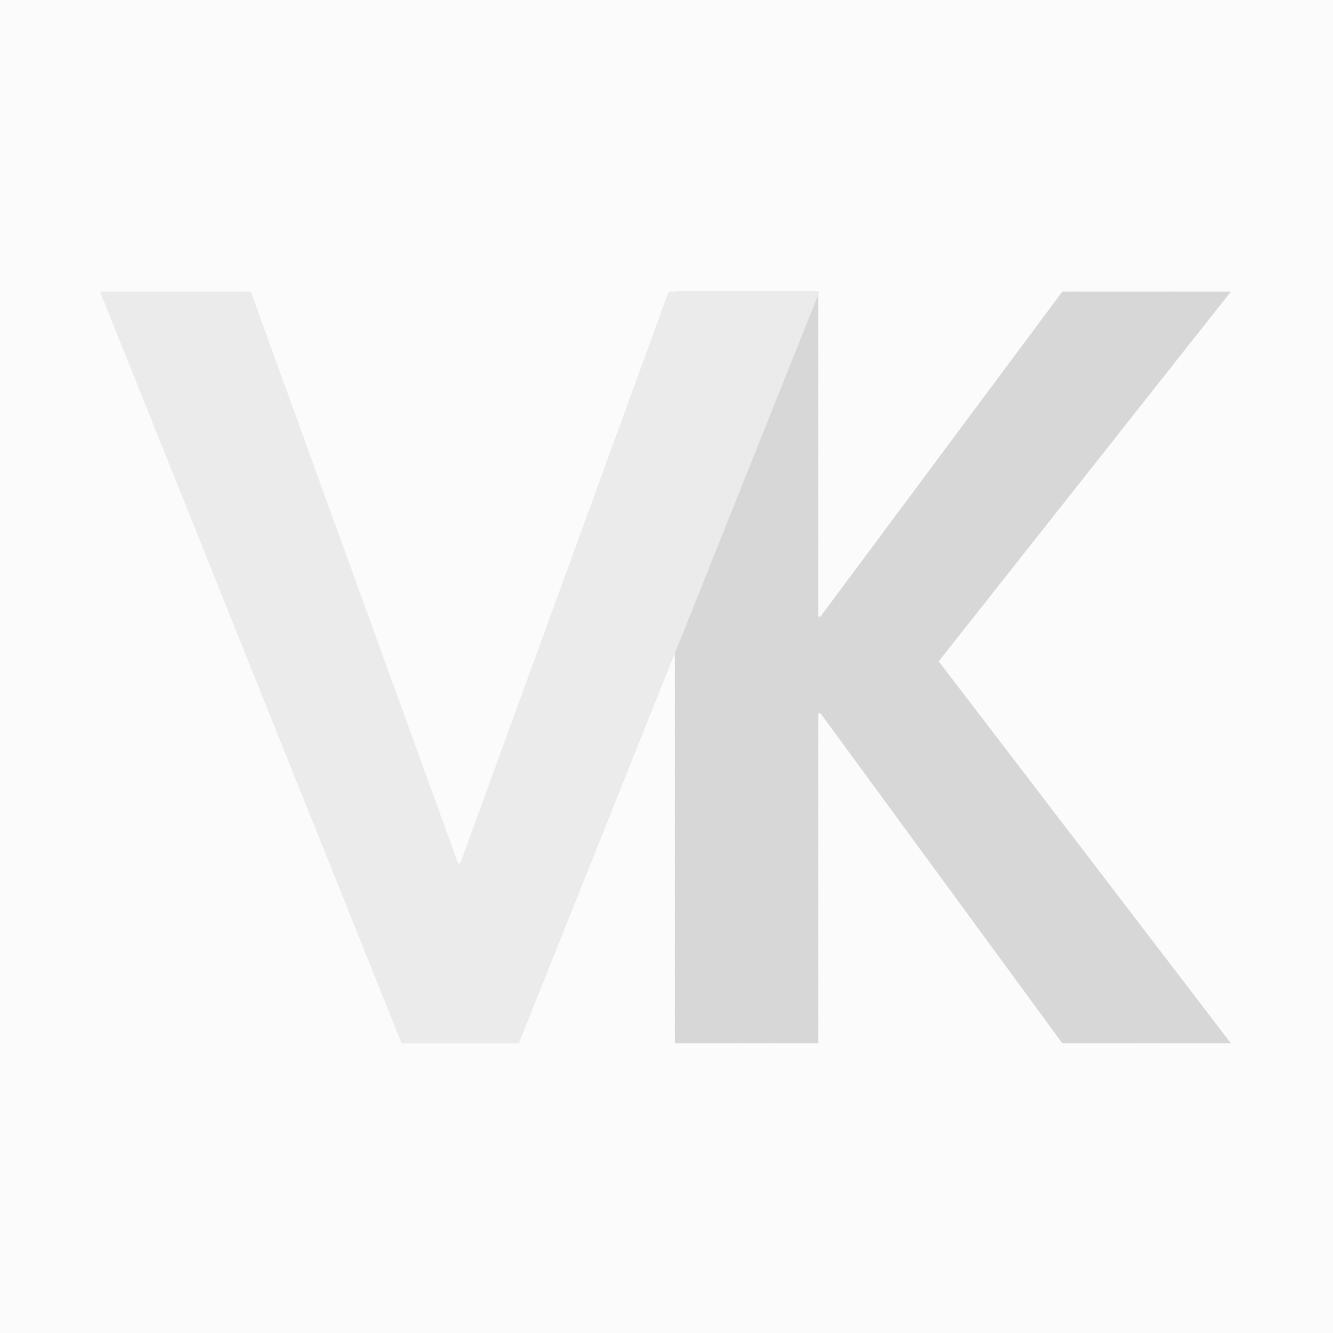 Agenda specifiek voor kappersafspraken Luxe met harde PVC kaft